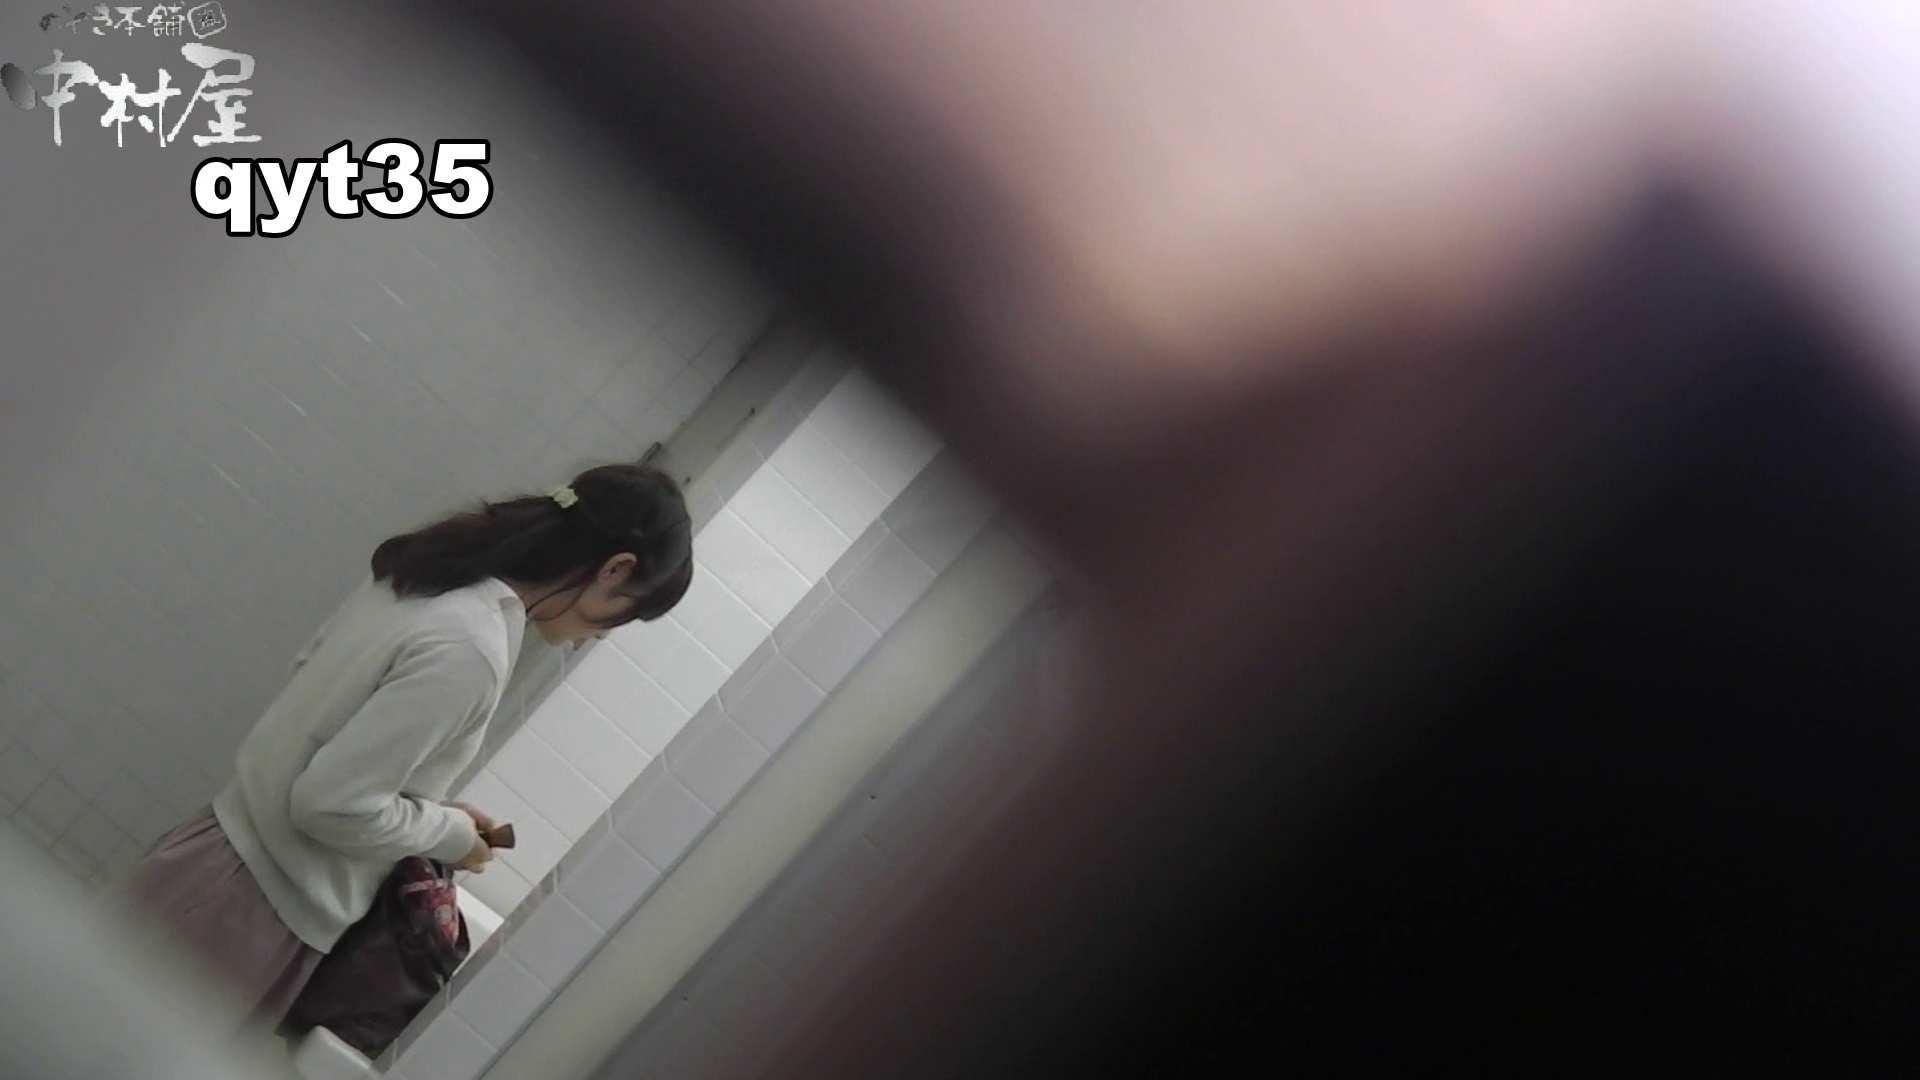 【お銀さんの「洗面所突入レポート!!」】お銀さんの「洗面所突入レポート!!」 vol.35 広げると出ます 洗面所 | HなOL  68pic 57